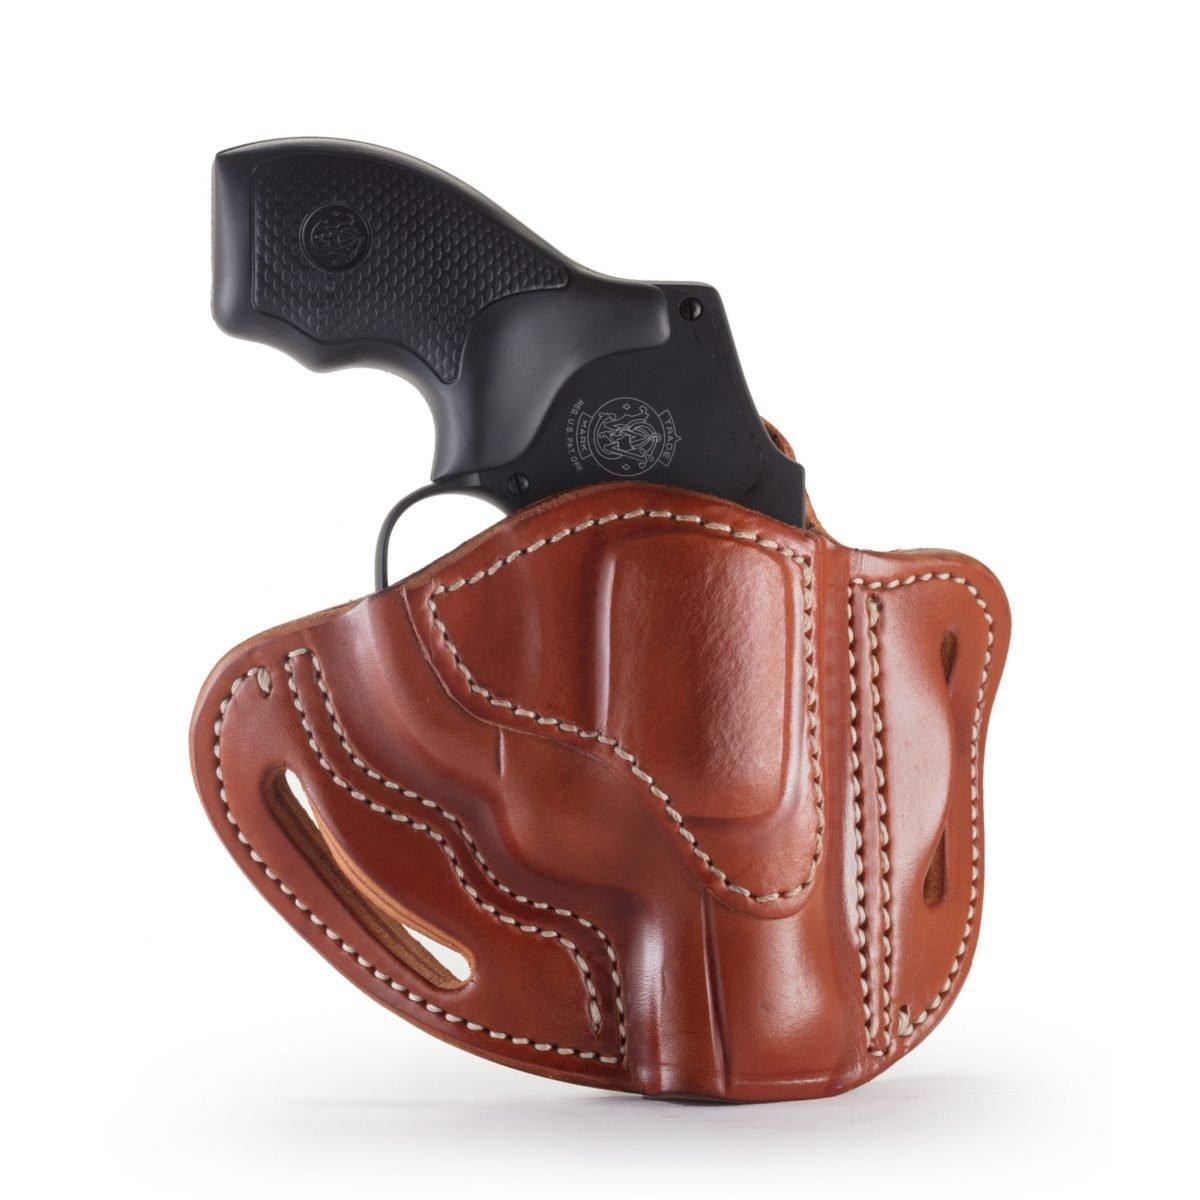 RVH1 – J-Frame Revolver Holster